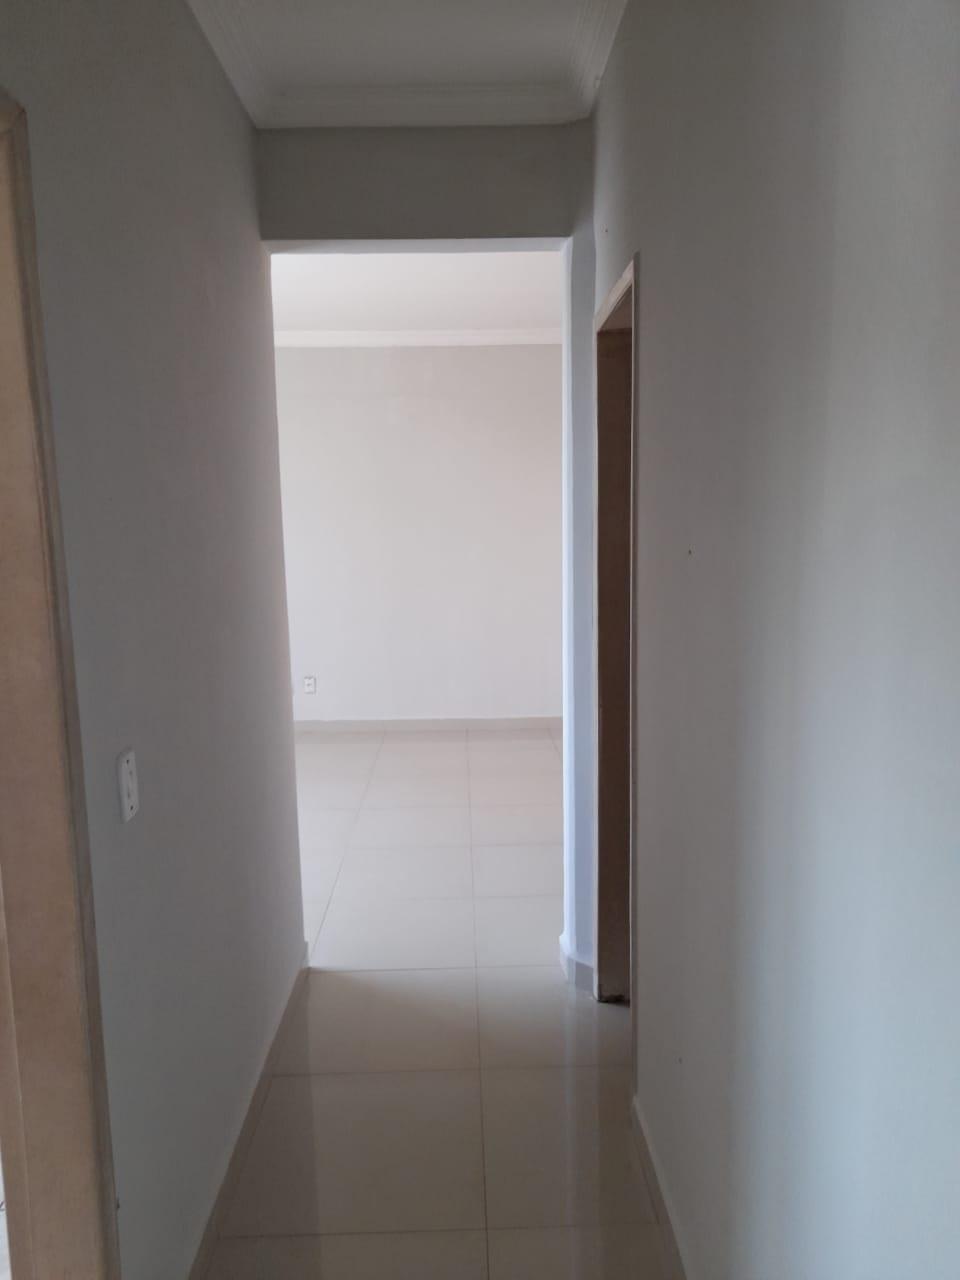 Apartamento  com 3 quartos sendo 1 Suíte no Residencial Paiaguais, Cuiabá  - MT